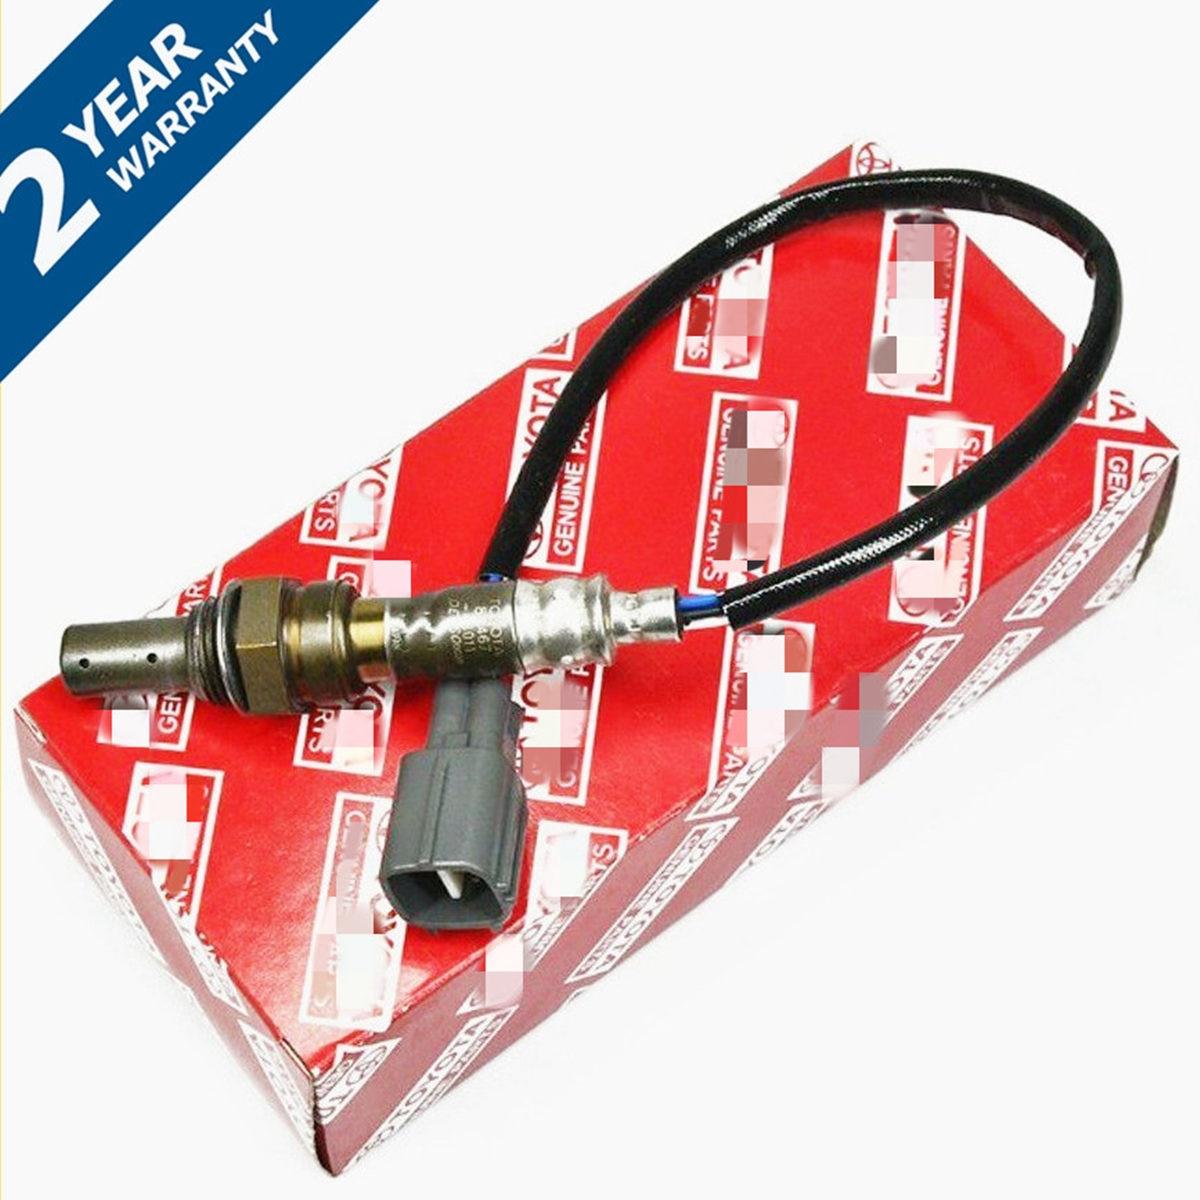 燃比 O2 酸素センサー SG848 89467-48011 234-9009 トヨタ Lexu RX300 G1R